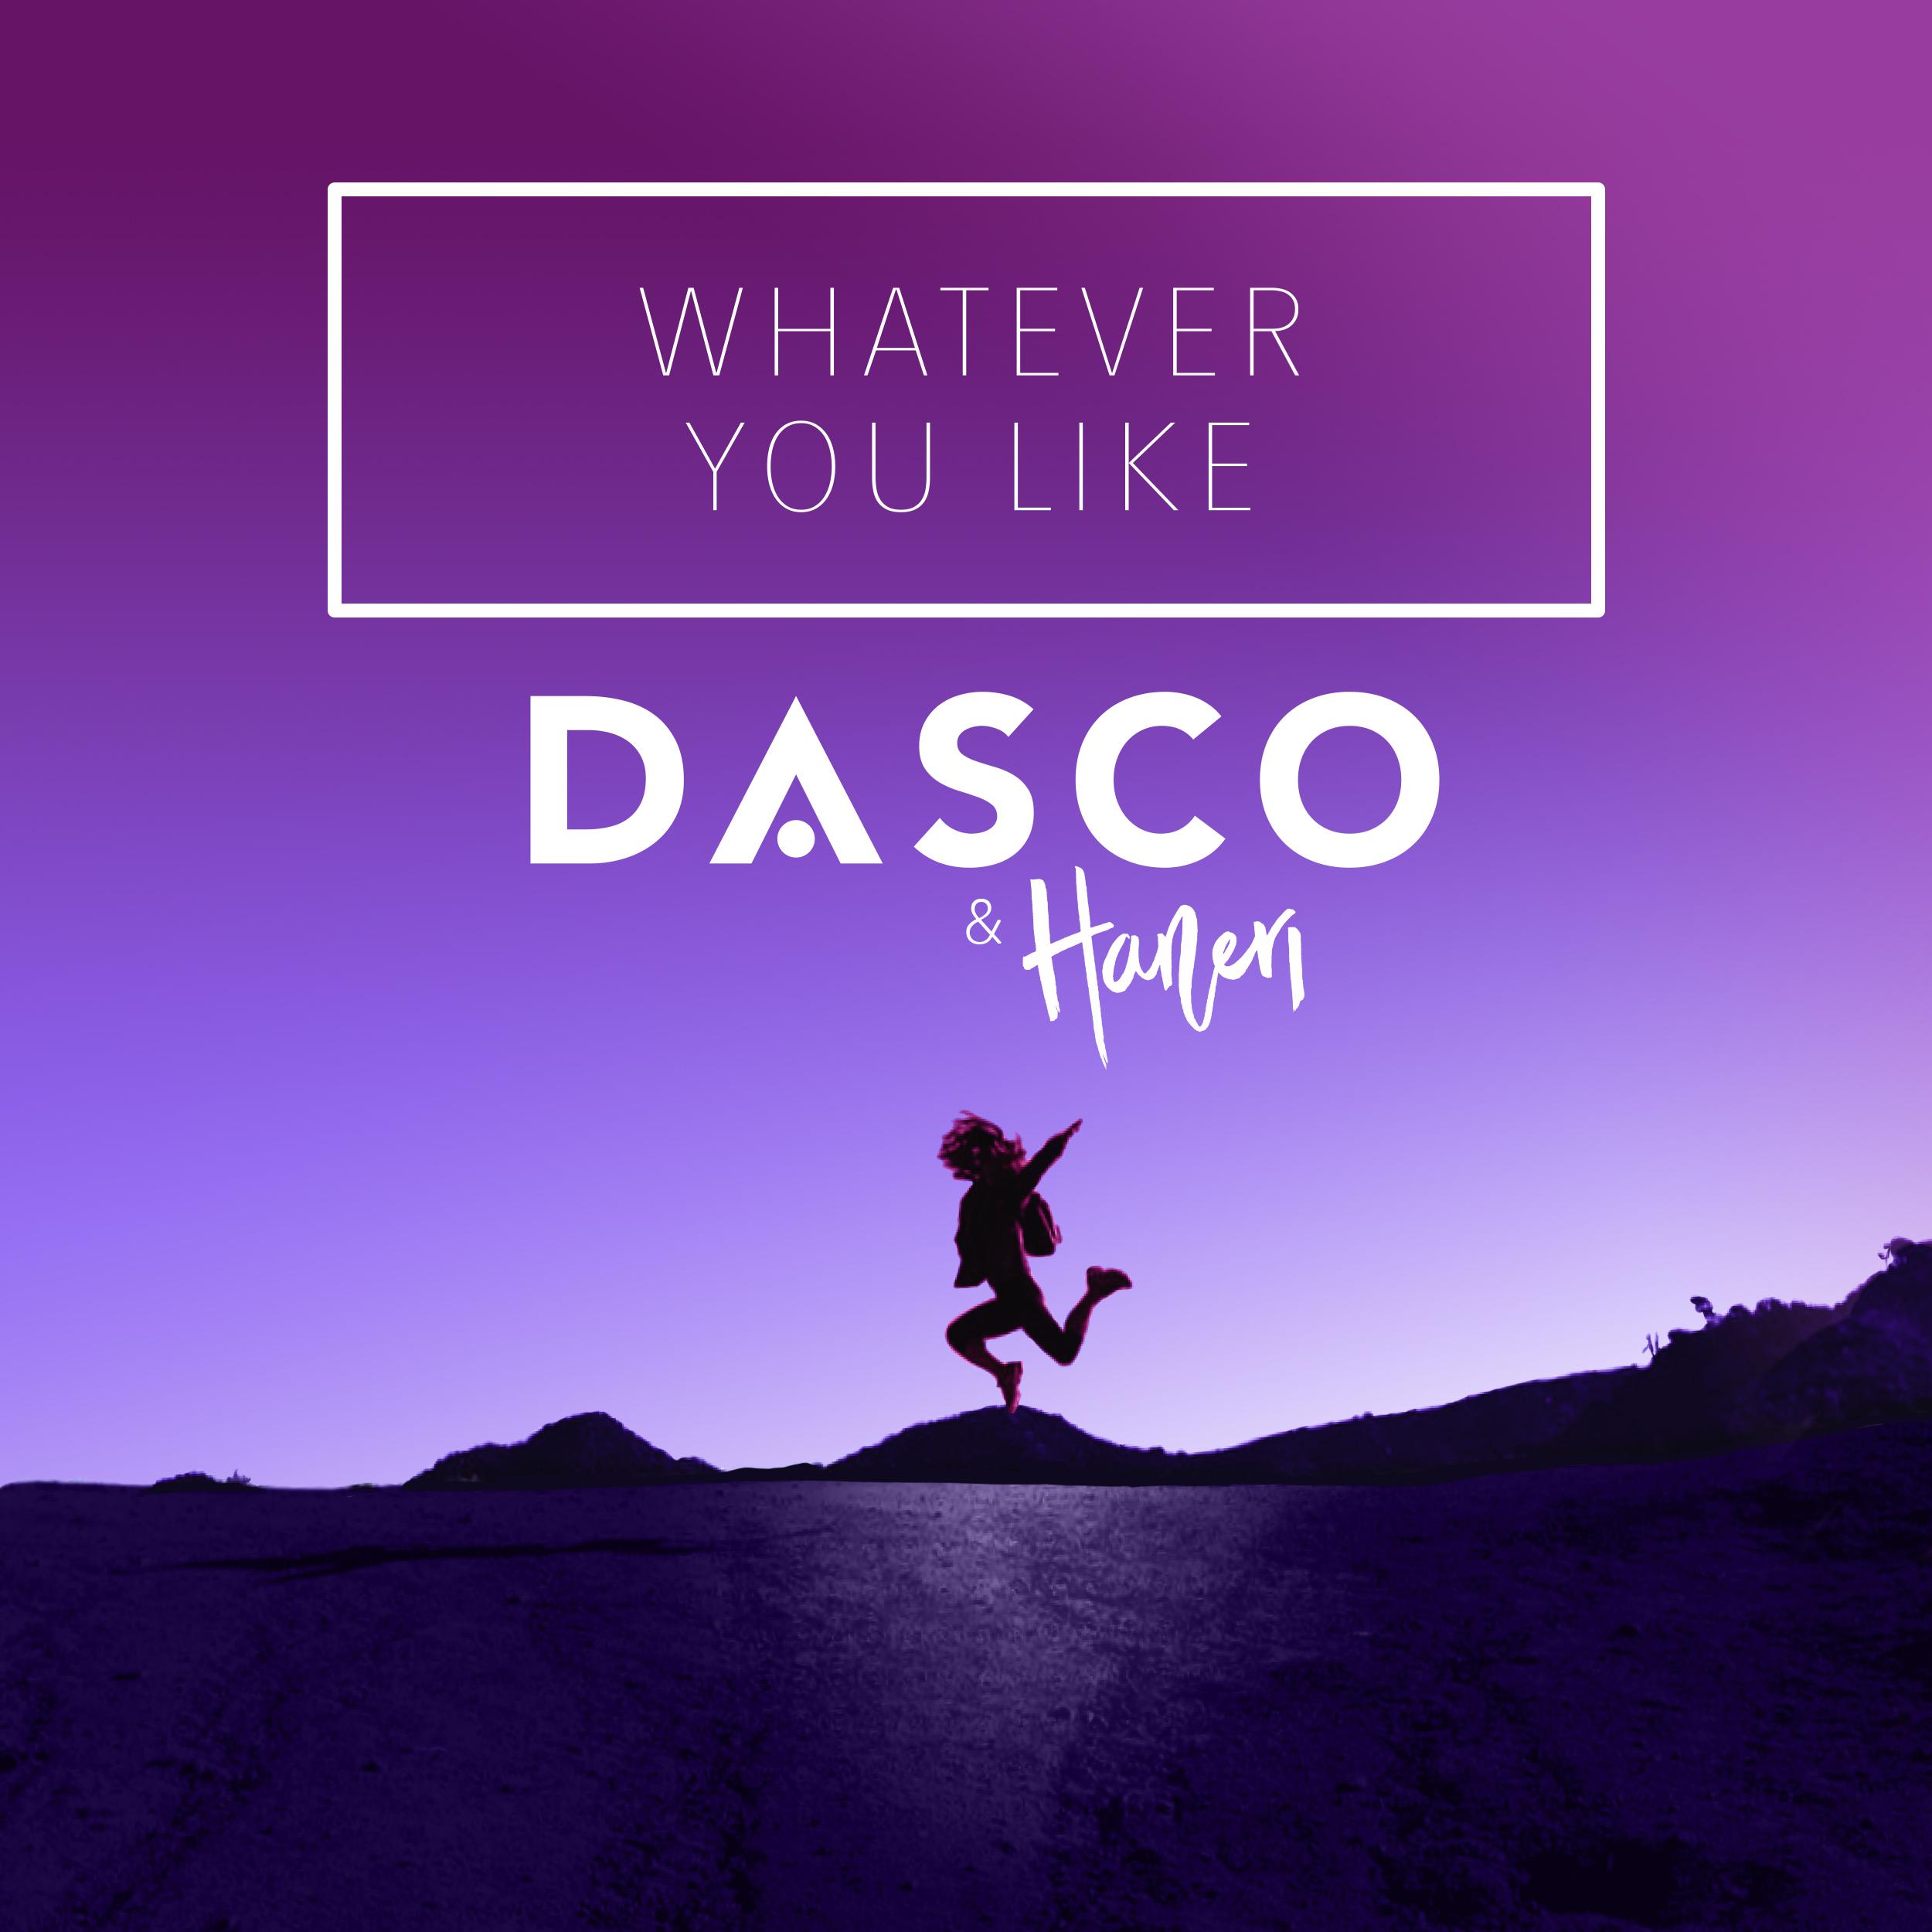 Dasco-WhateverYouLike-Final.jpg